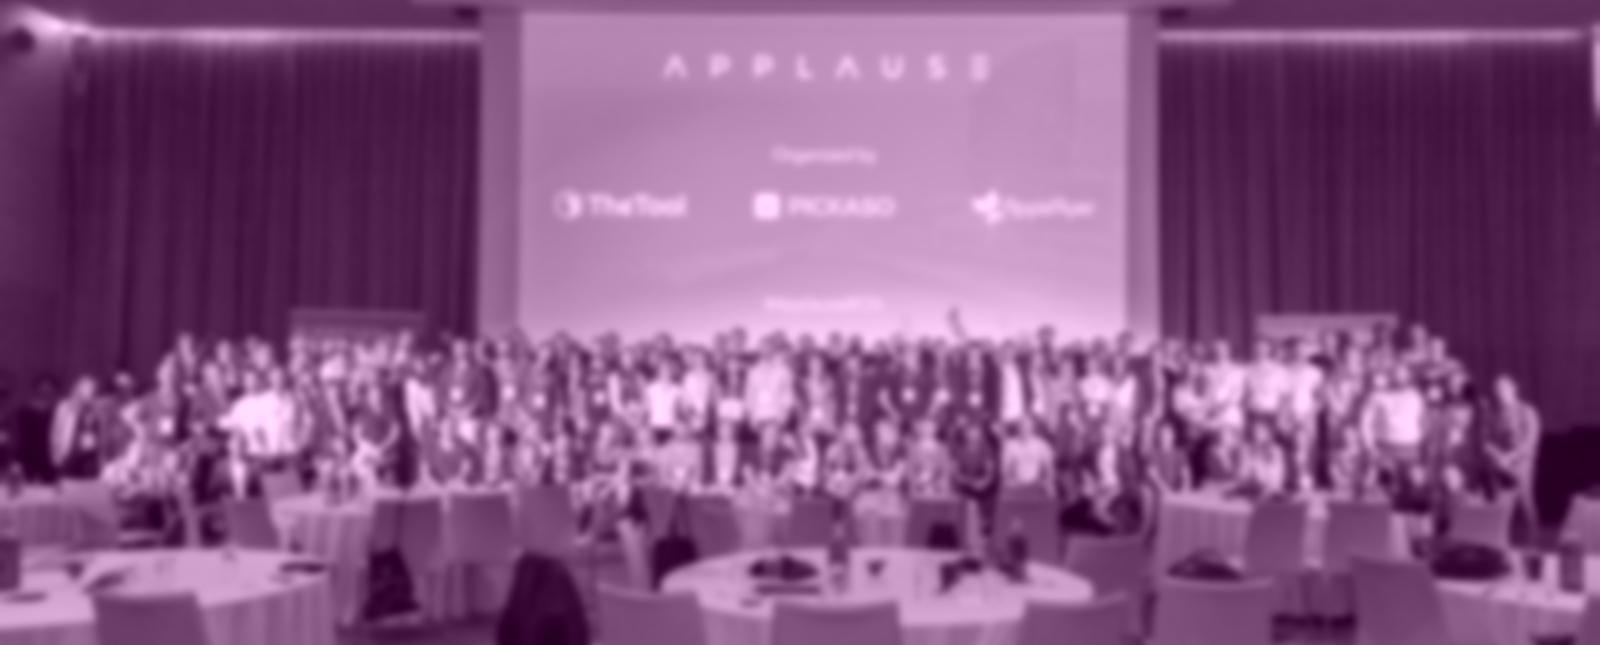 Applause 2019: Así fue la 4ª edición del congreso internacional de App Marketing